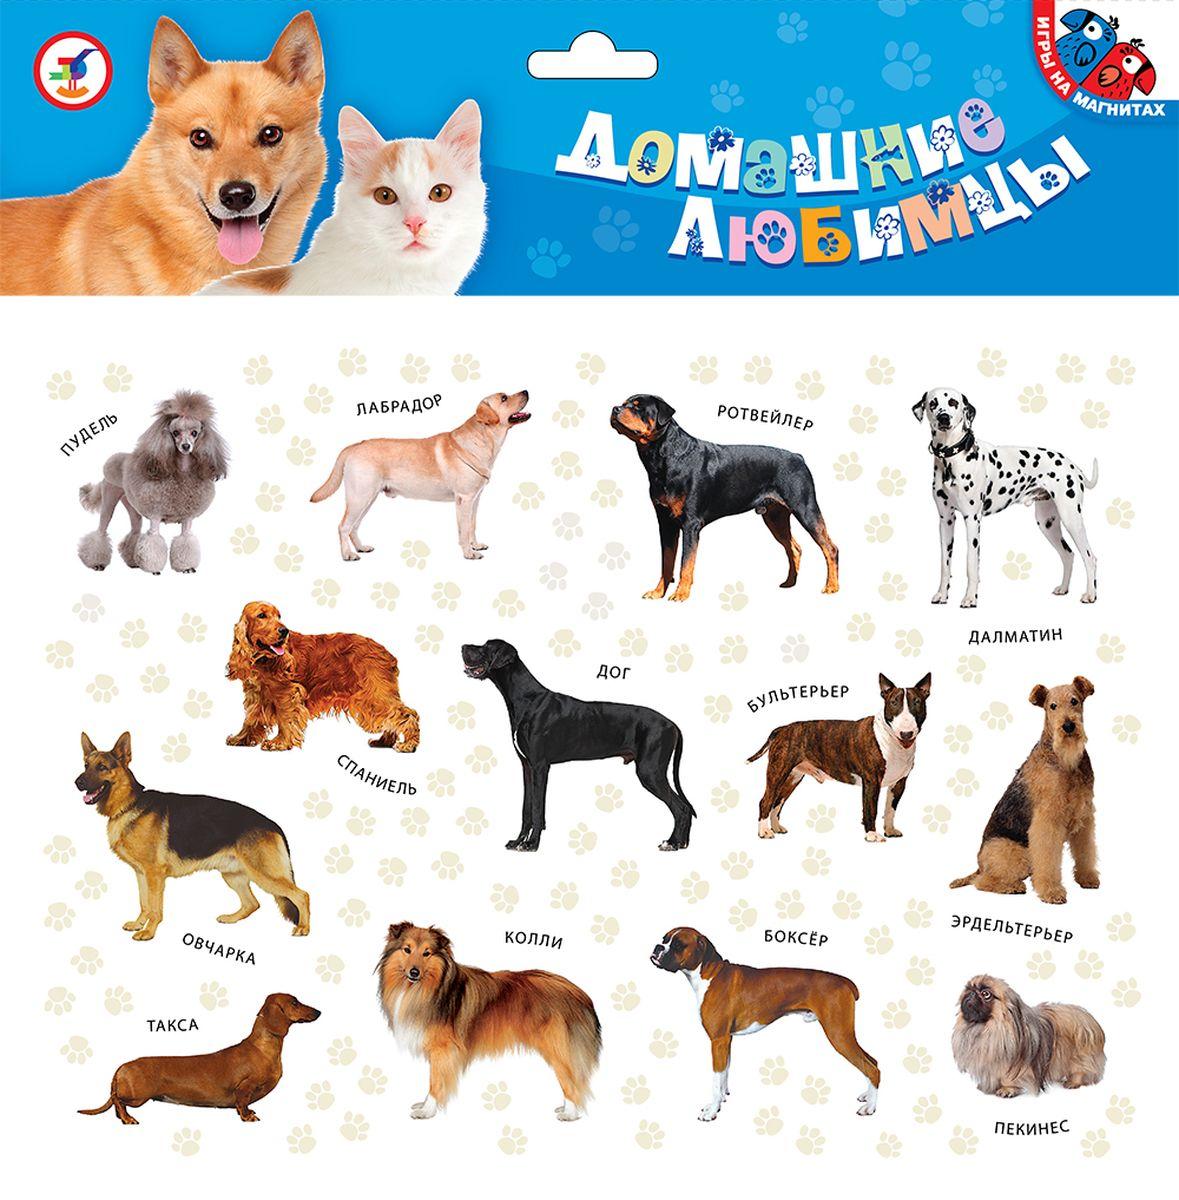 Дрофа-Медиа Игра на магнитах Домашние любимцы дрофа медиа магнит в коробке карточки с животными на магнитах